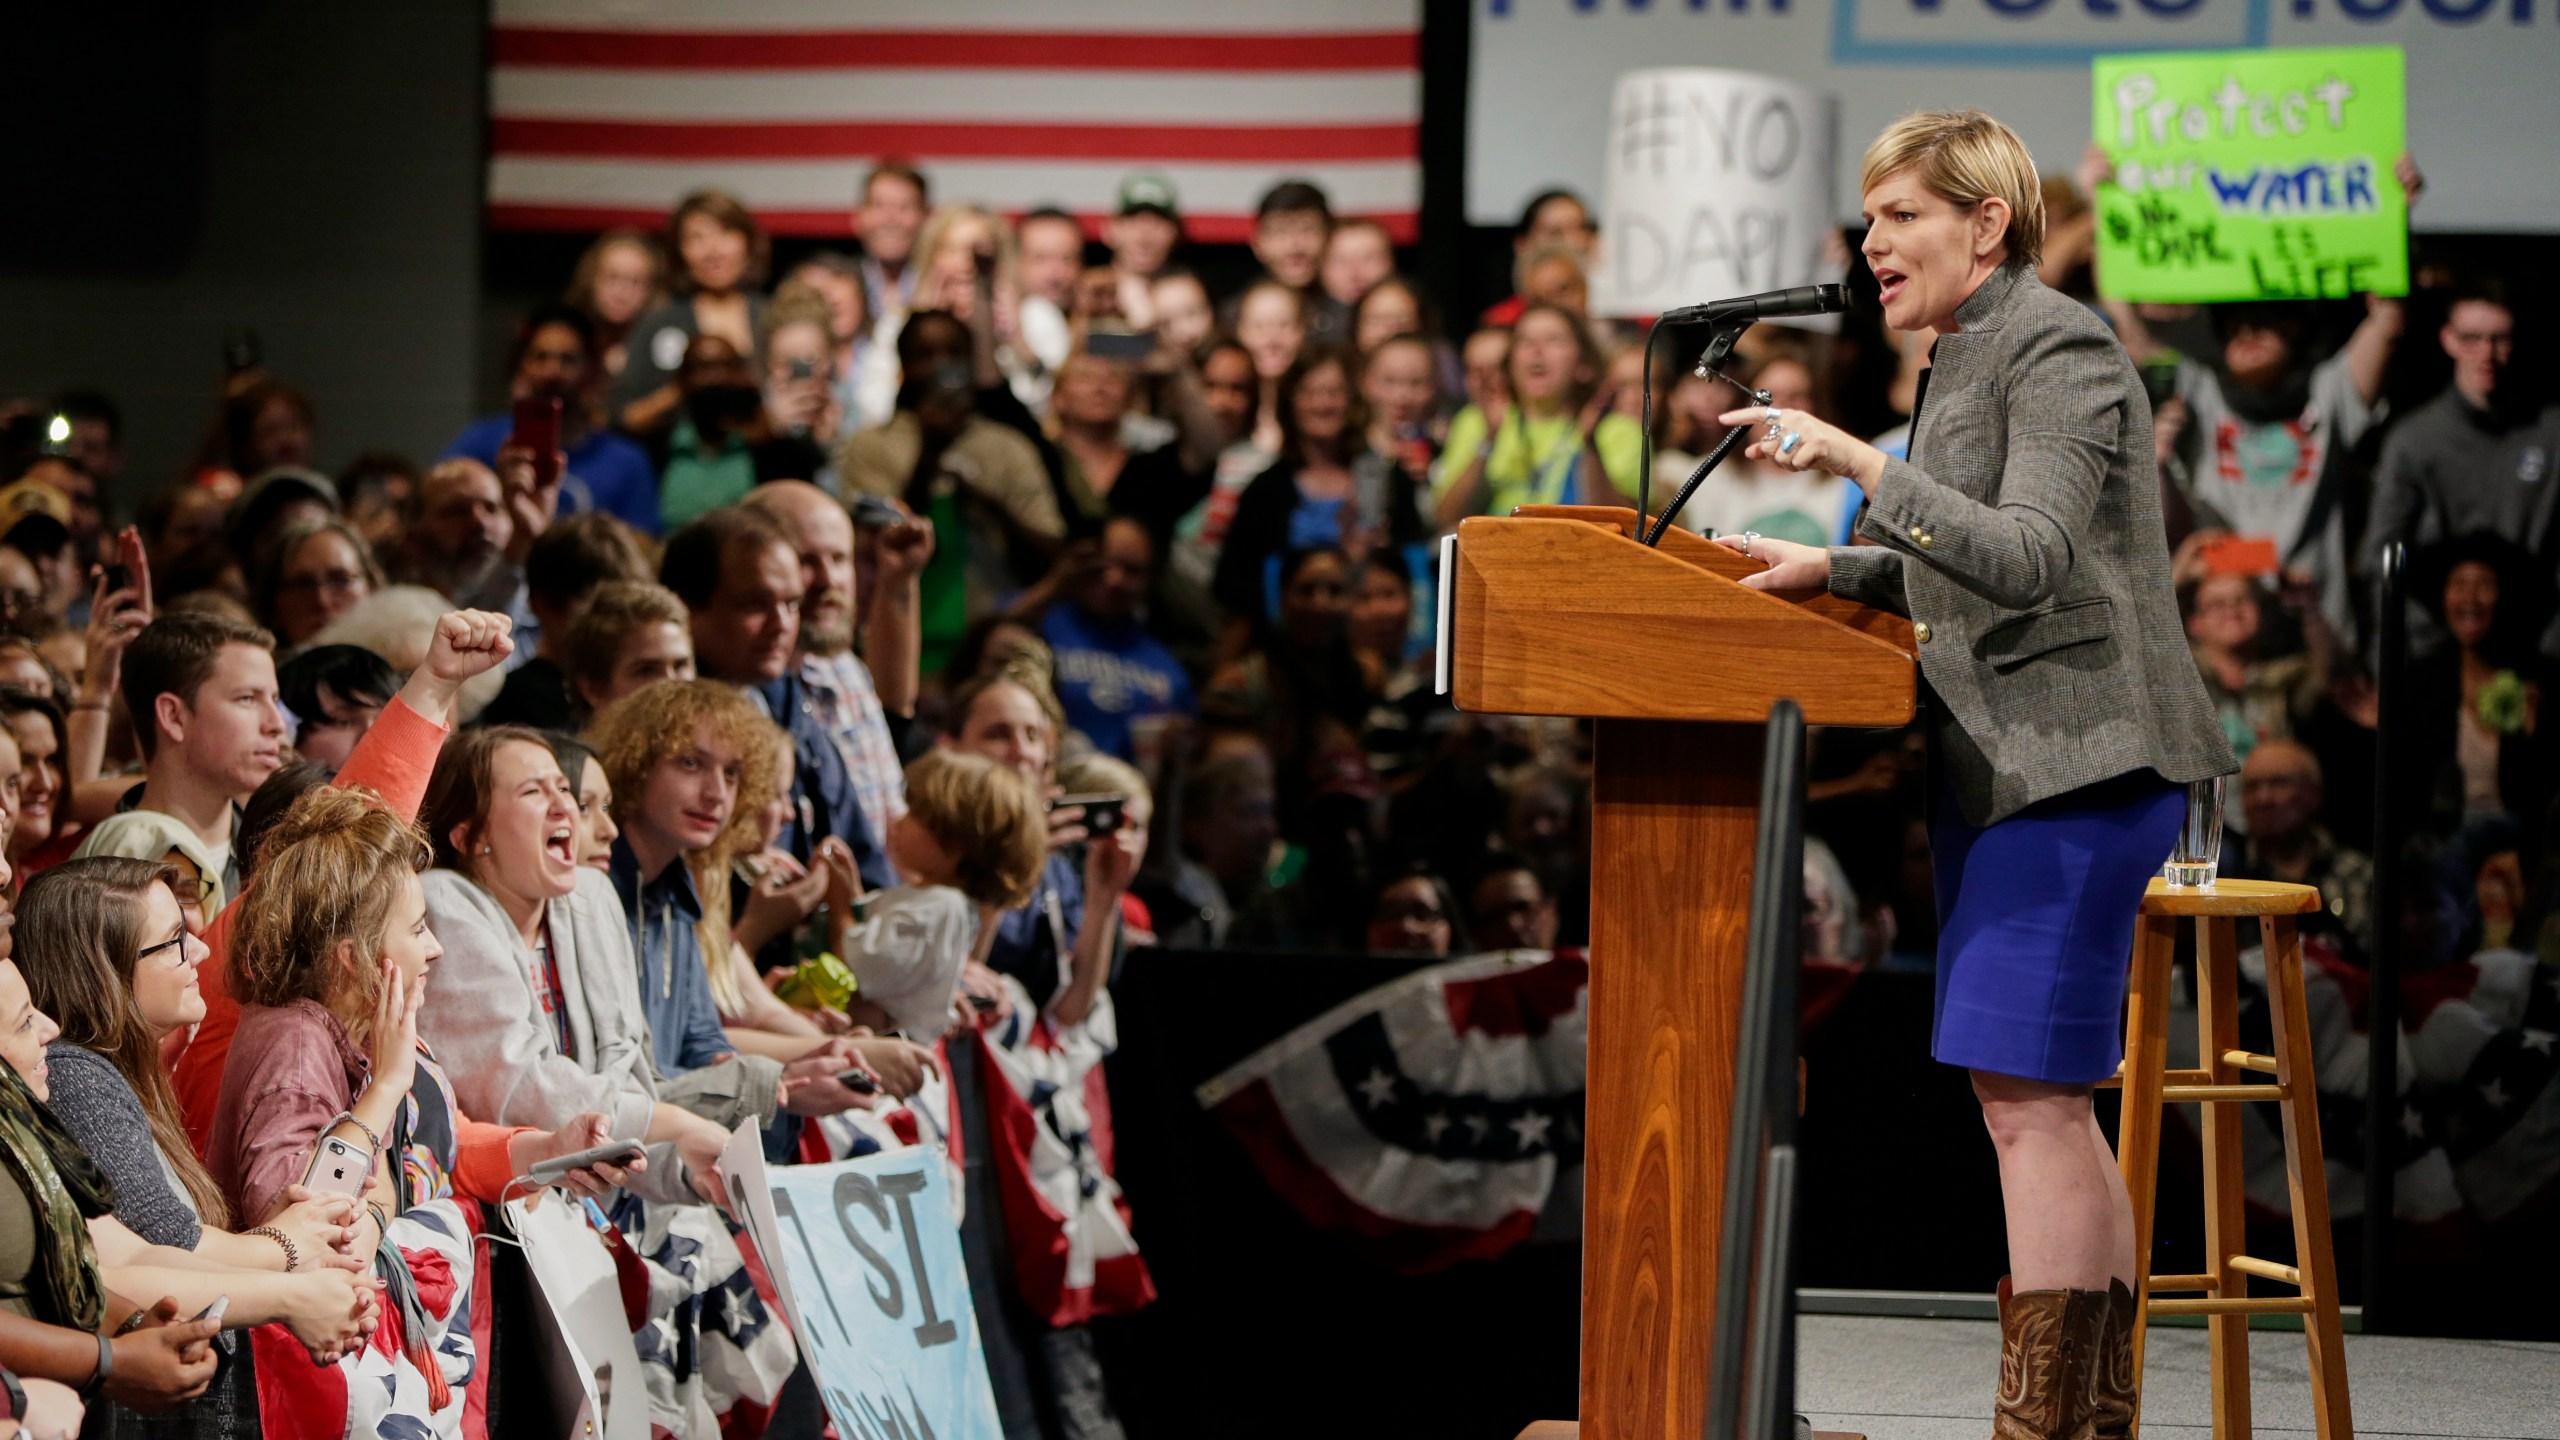 Jane Kleeb, Bernie Sanders